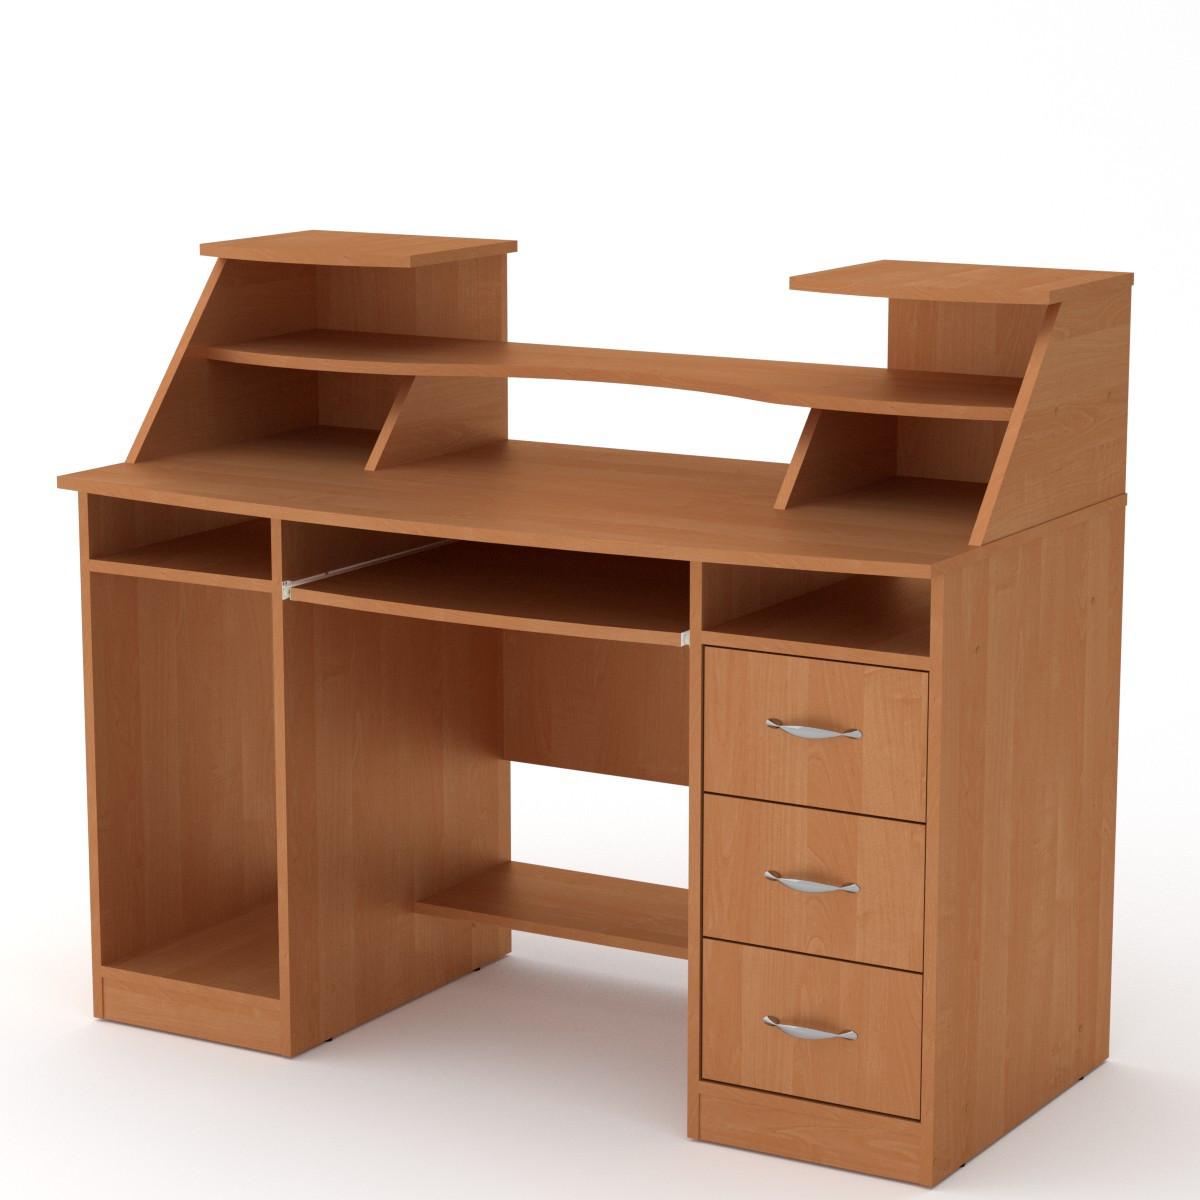 Стол компьютерный Комфорт-5 ольха Компанит (127х65х104 см)